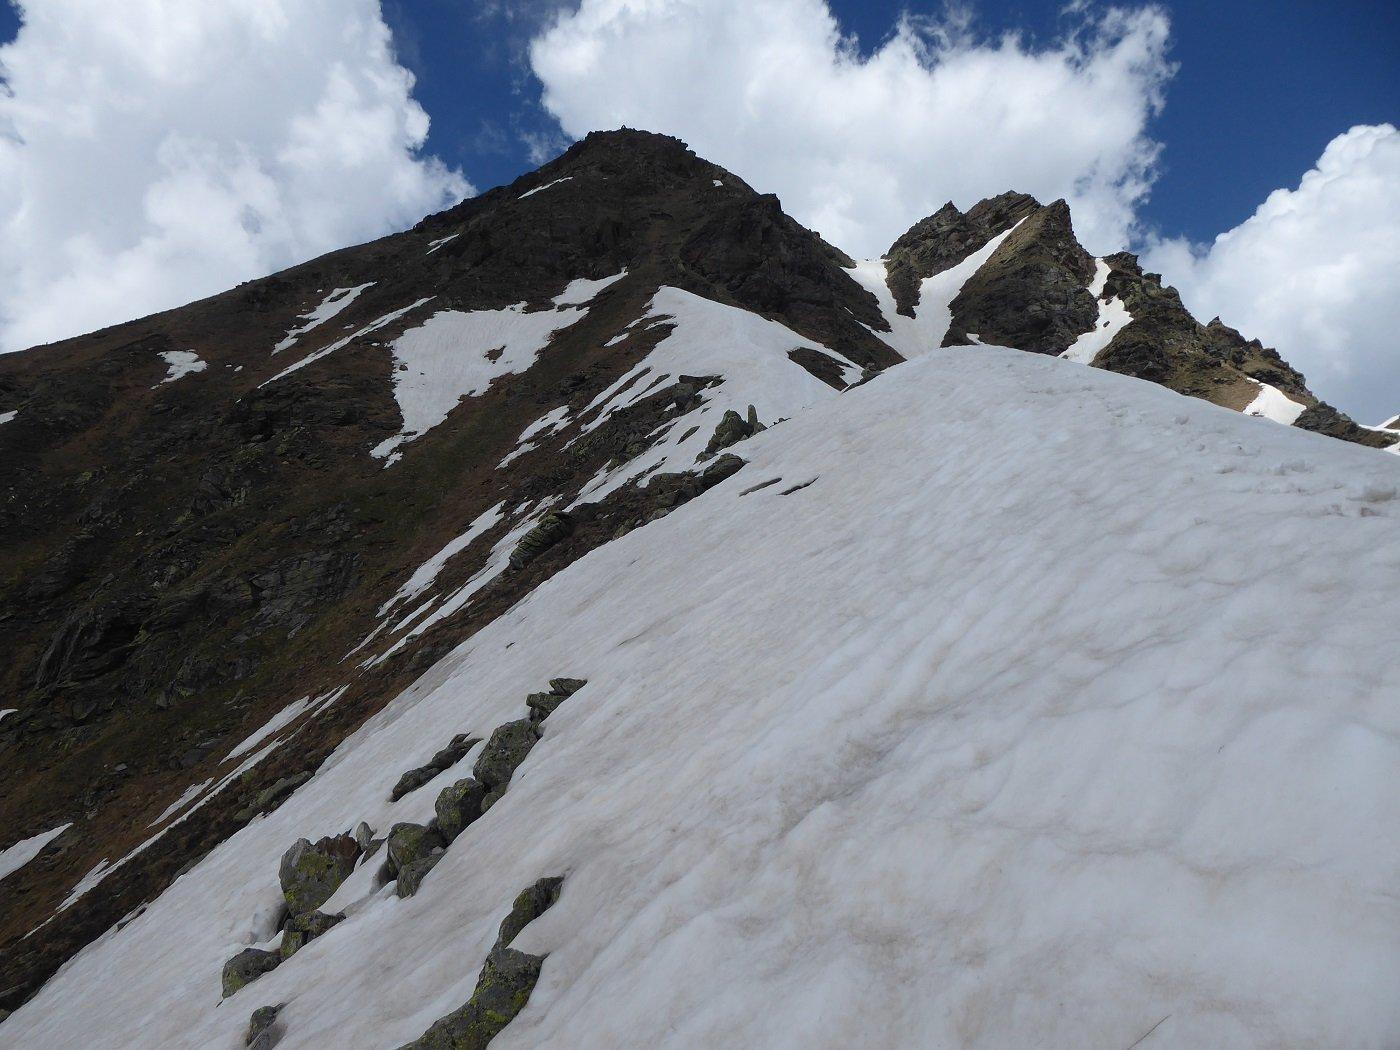 Sulla cresta finale. Si vedono a sinistra i nevai da attraversare per raggiungere la facile dorsale che porta in vetta.